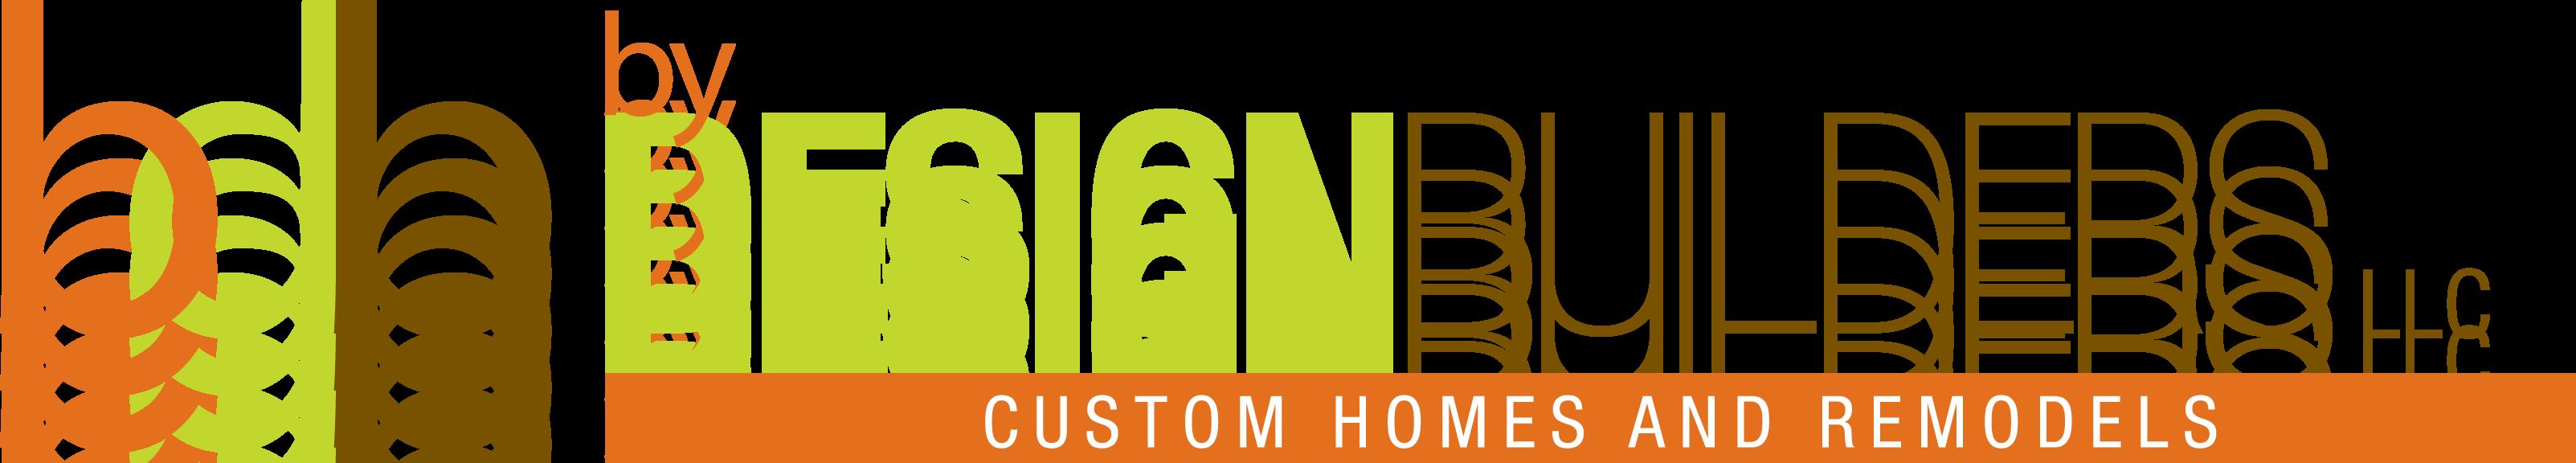 BDB_logo-01